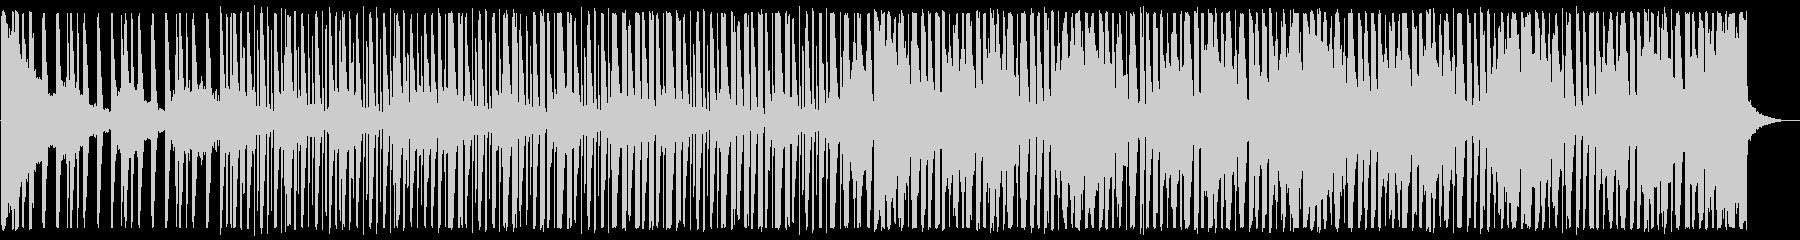 涼しげなディープハウス_No615_3の未再生の波形